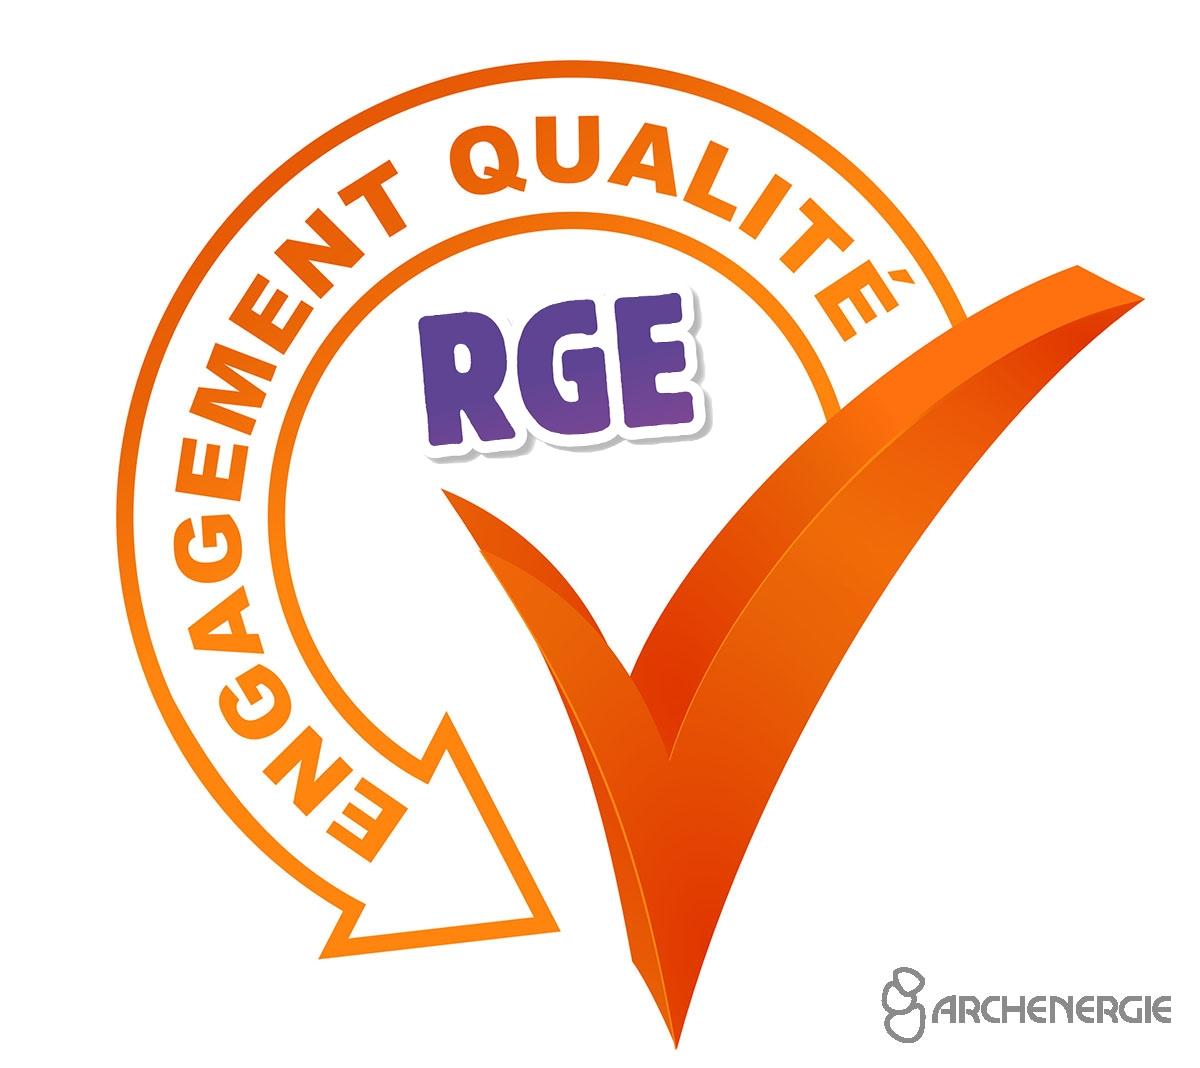 Qualité RGE - Archenergie